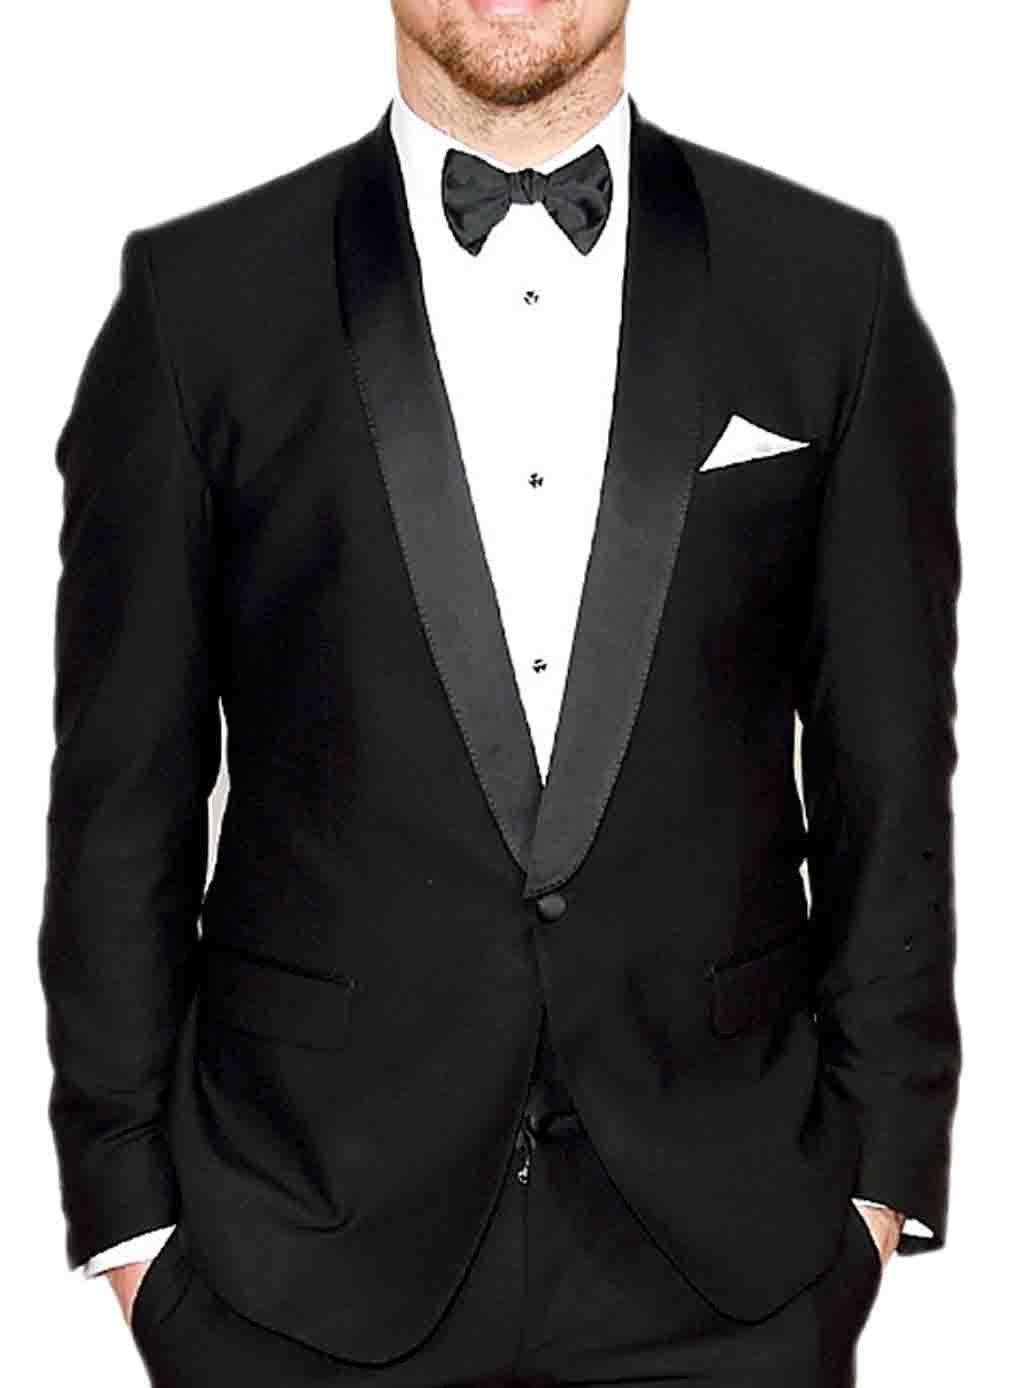 Channing Tatum Oscar Black Shawl Tuxedo